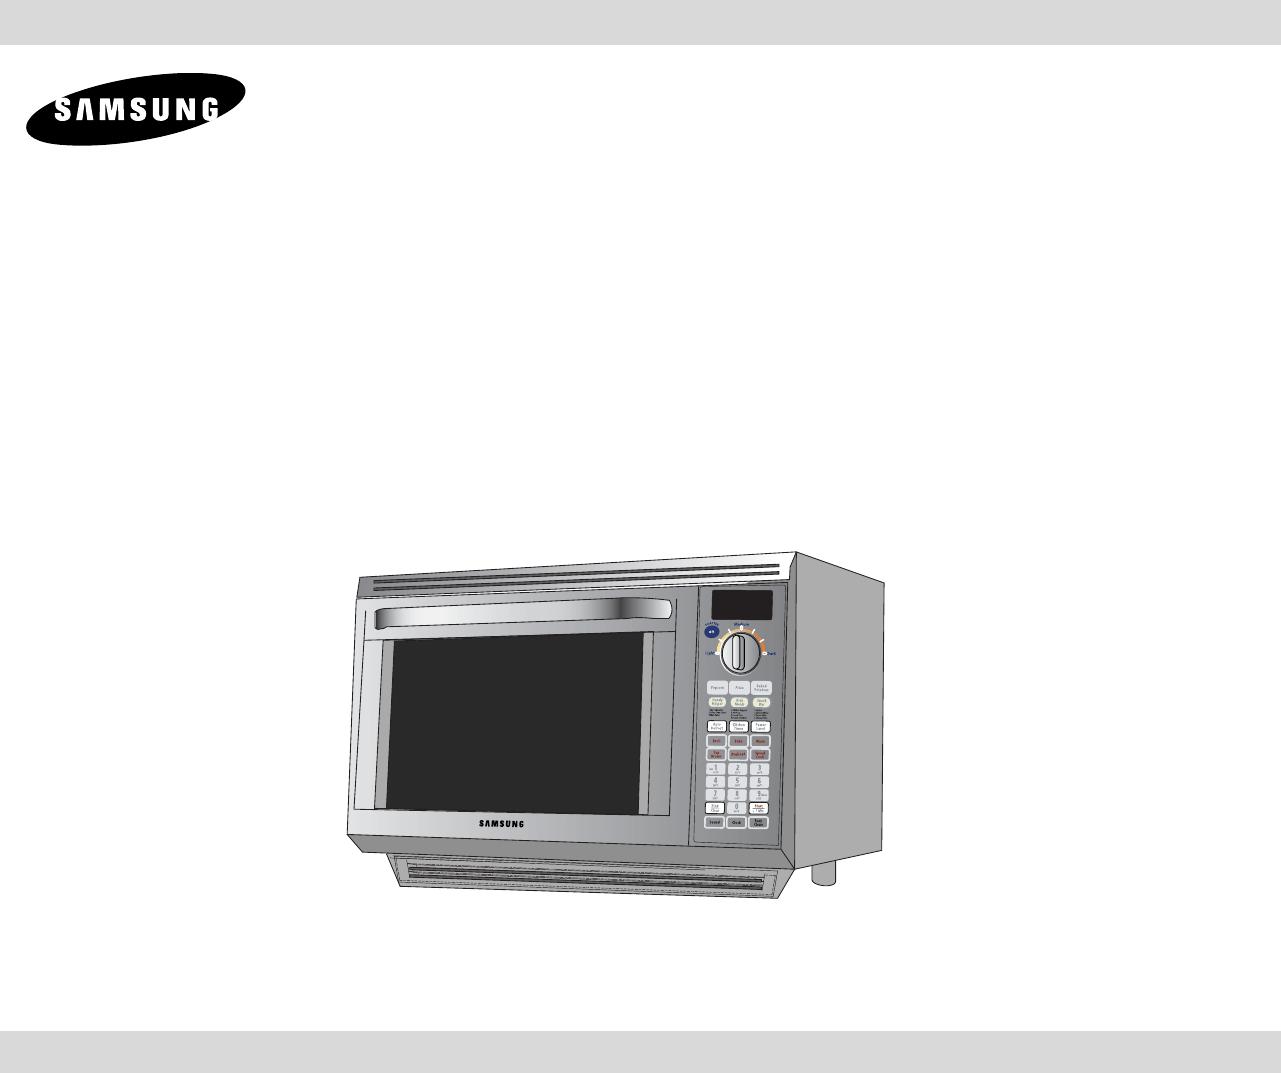 samsung microwave oven de68 02434a user guide manualsonline com